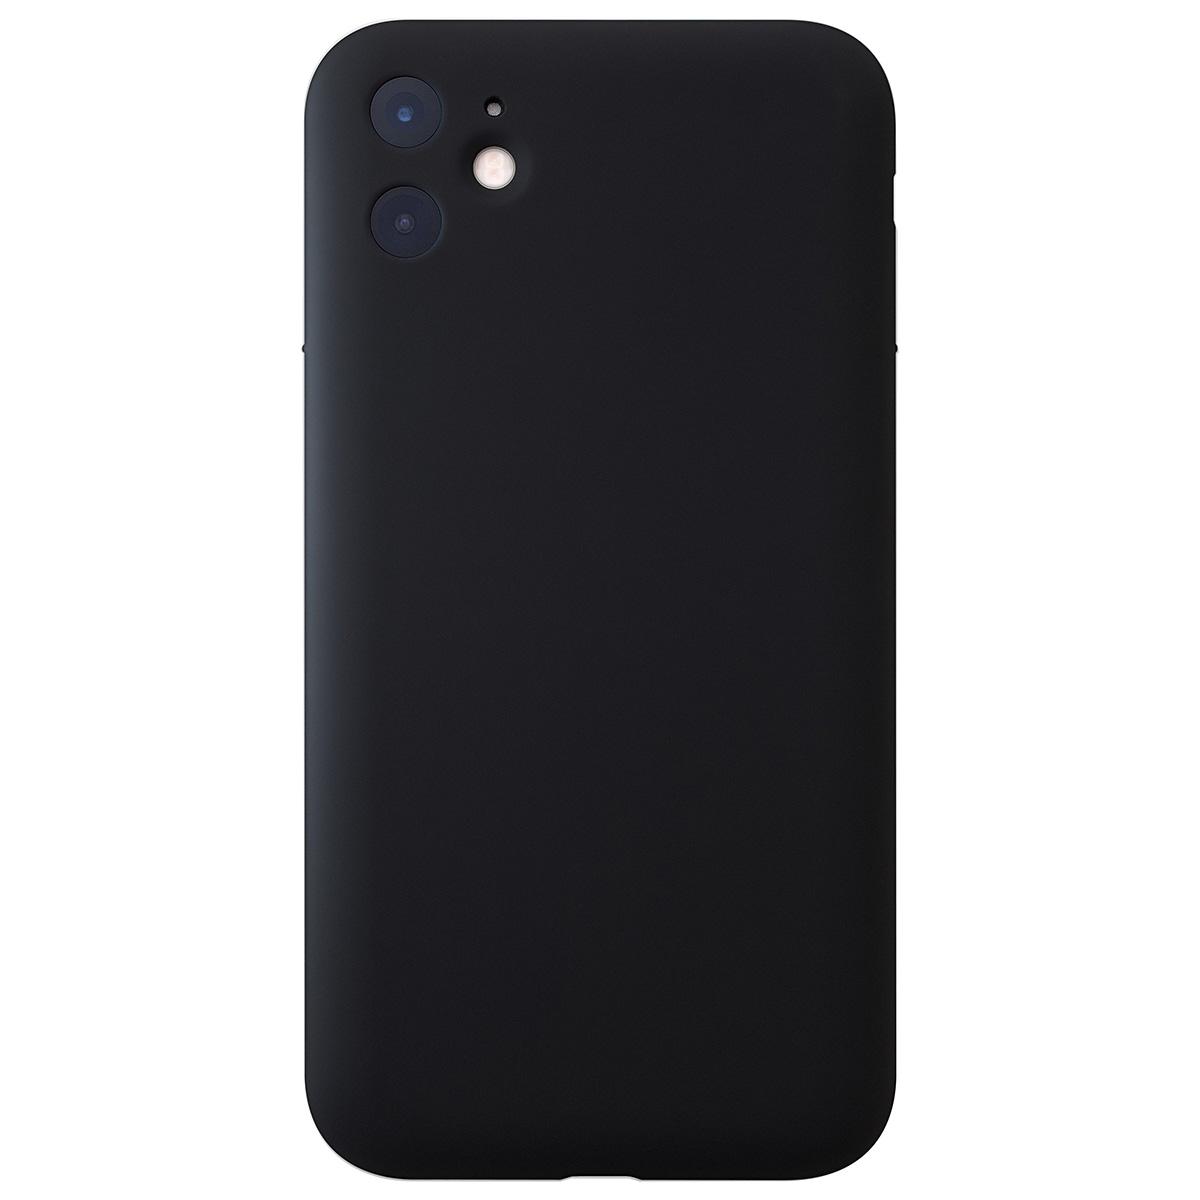 【ネコポス送料無料】【iPhone11】MYNUS CASE(マットブラック)